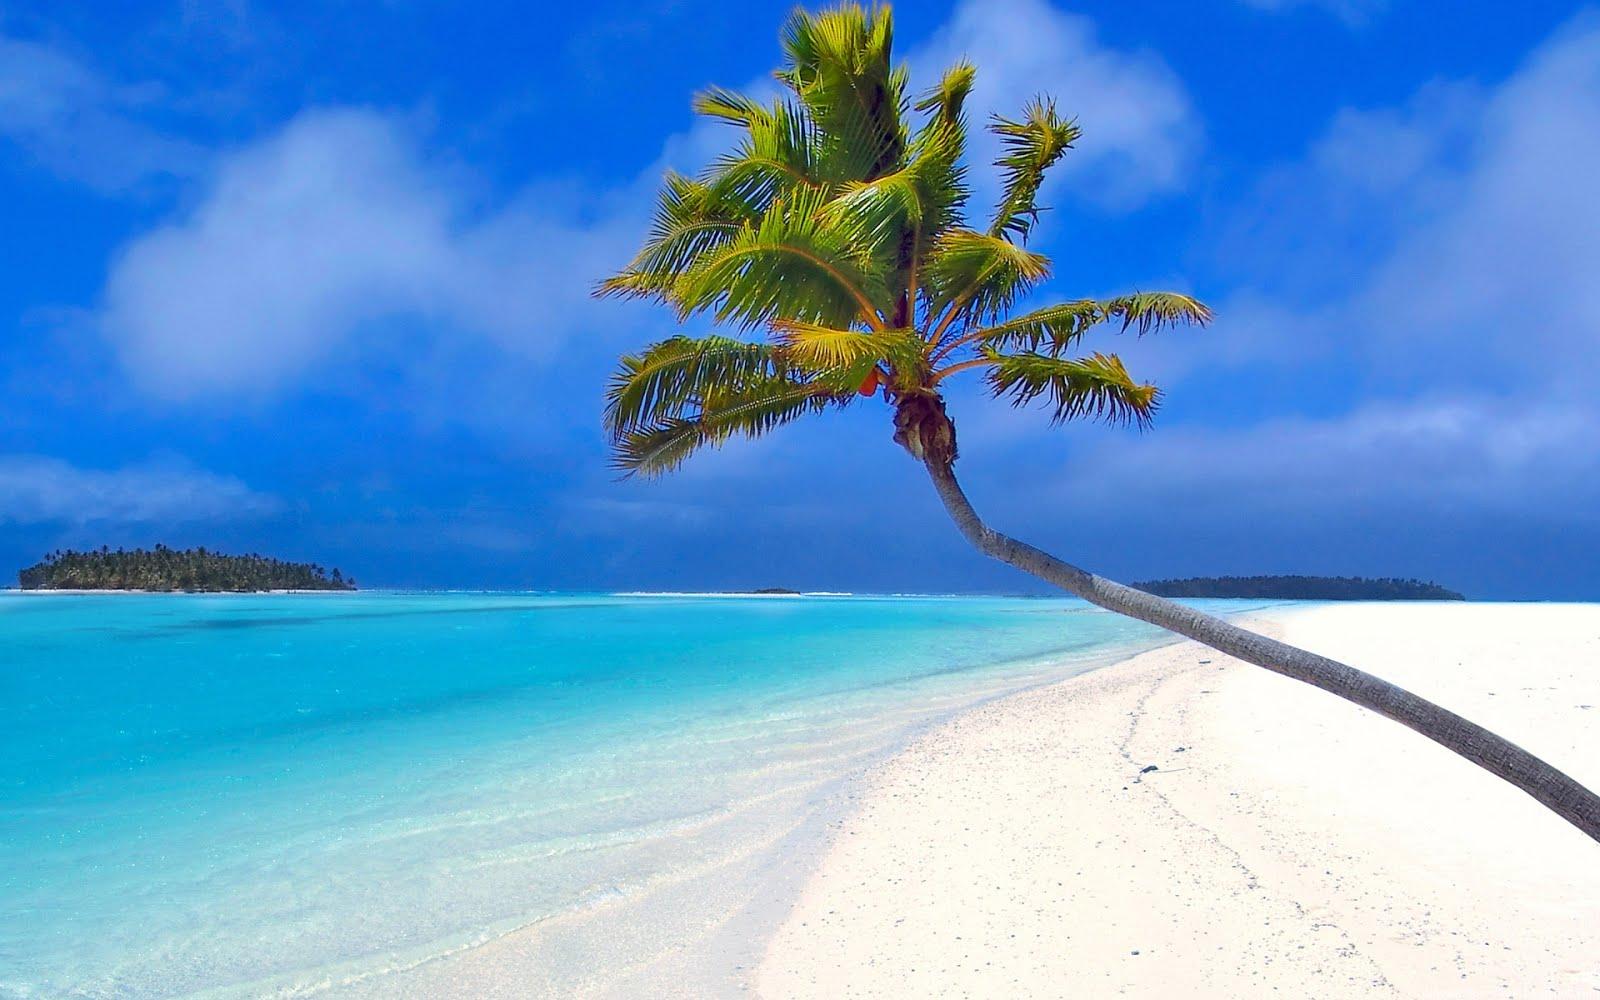 Foto Pemandangan Pantai Terbaru Dunia | Foto | Lintas ...